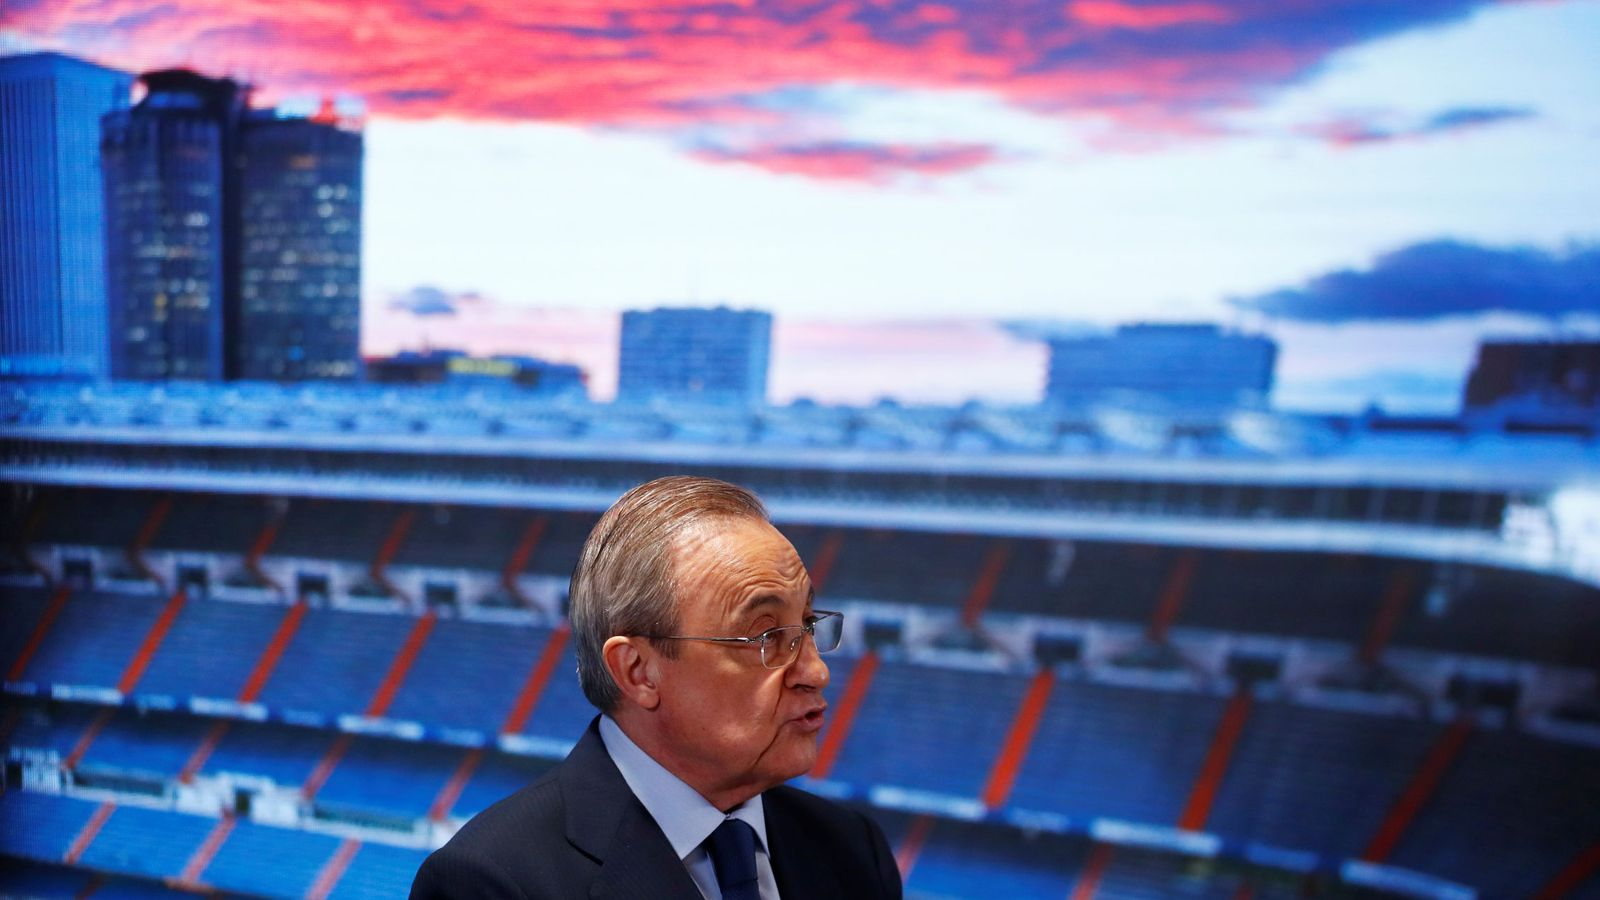 Foto: Florentino Pérez, presidente del Real Madrid, durante la presentación de Militao. (EFE)